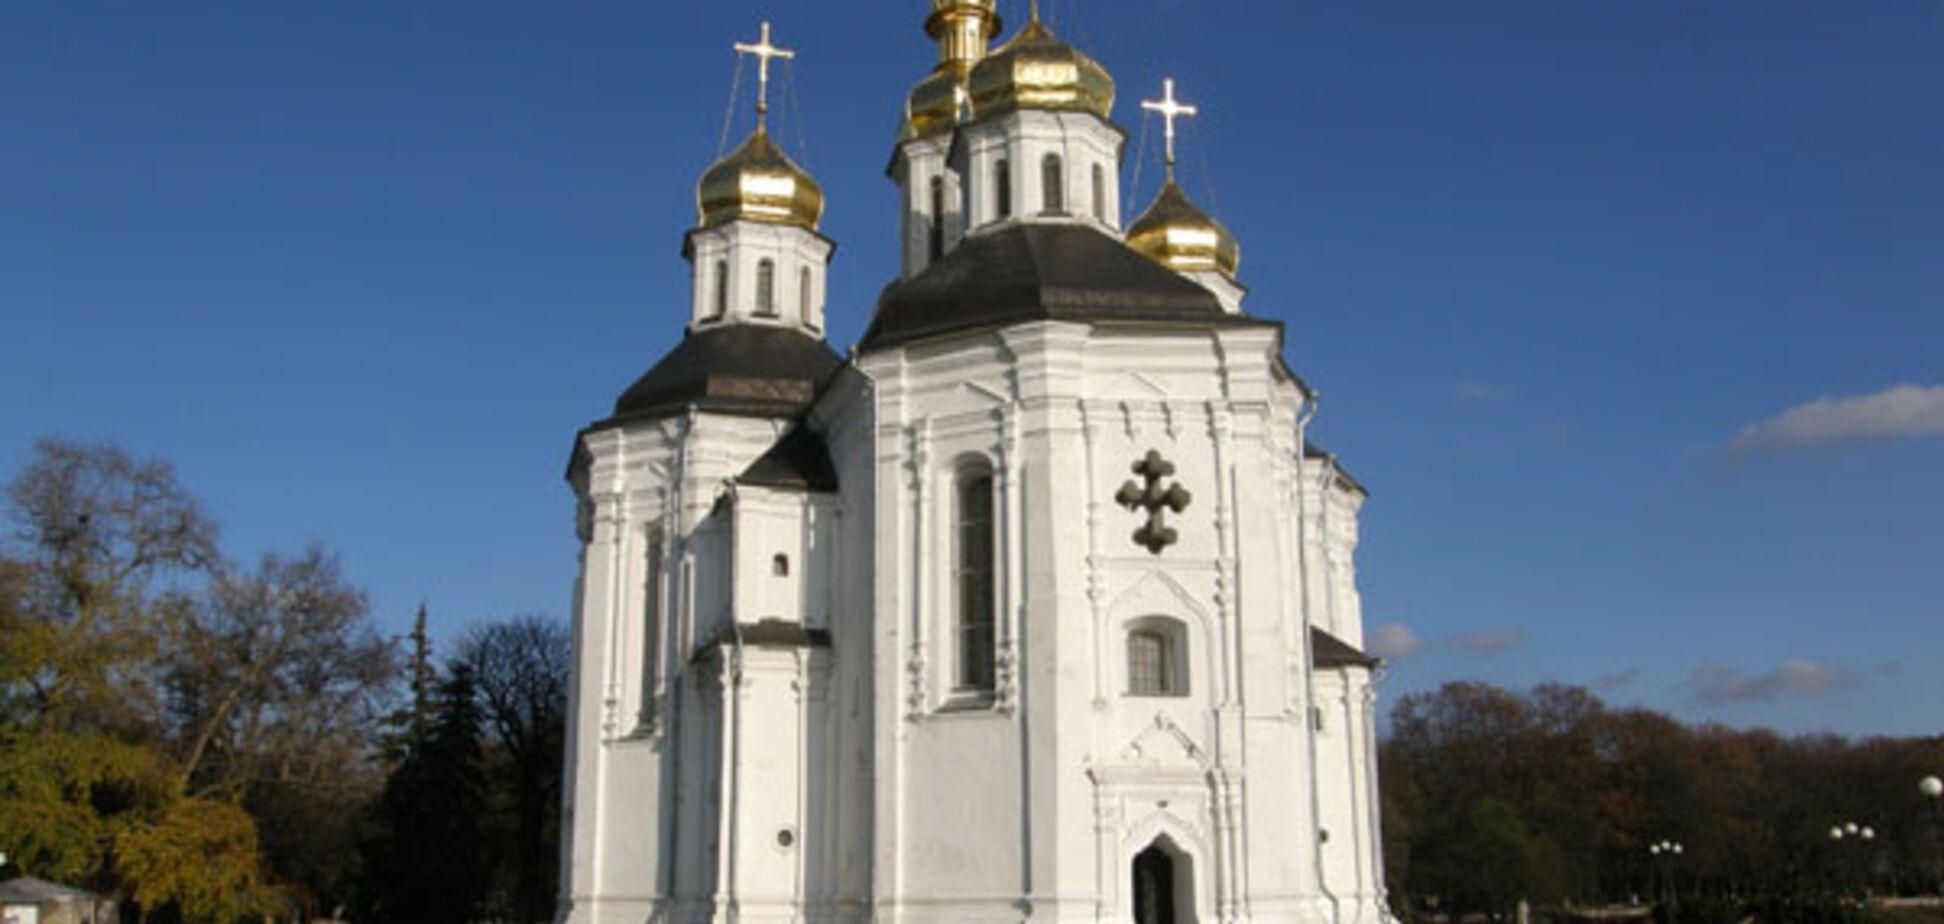 'Дано распоряжение': в Раде предупредили о церковных провокациях Путина